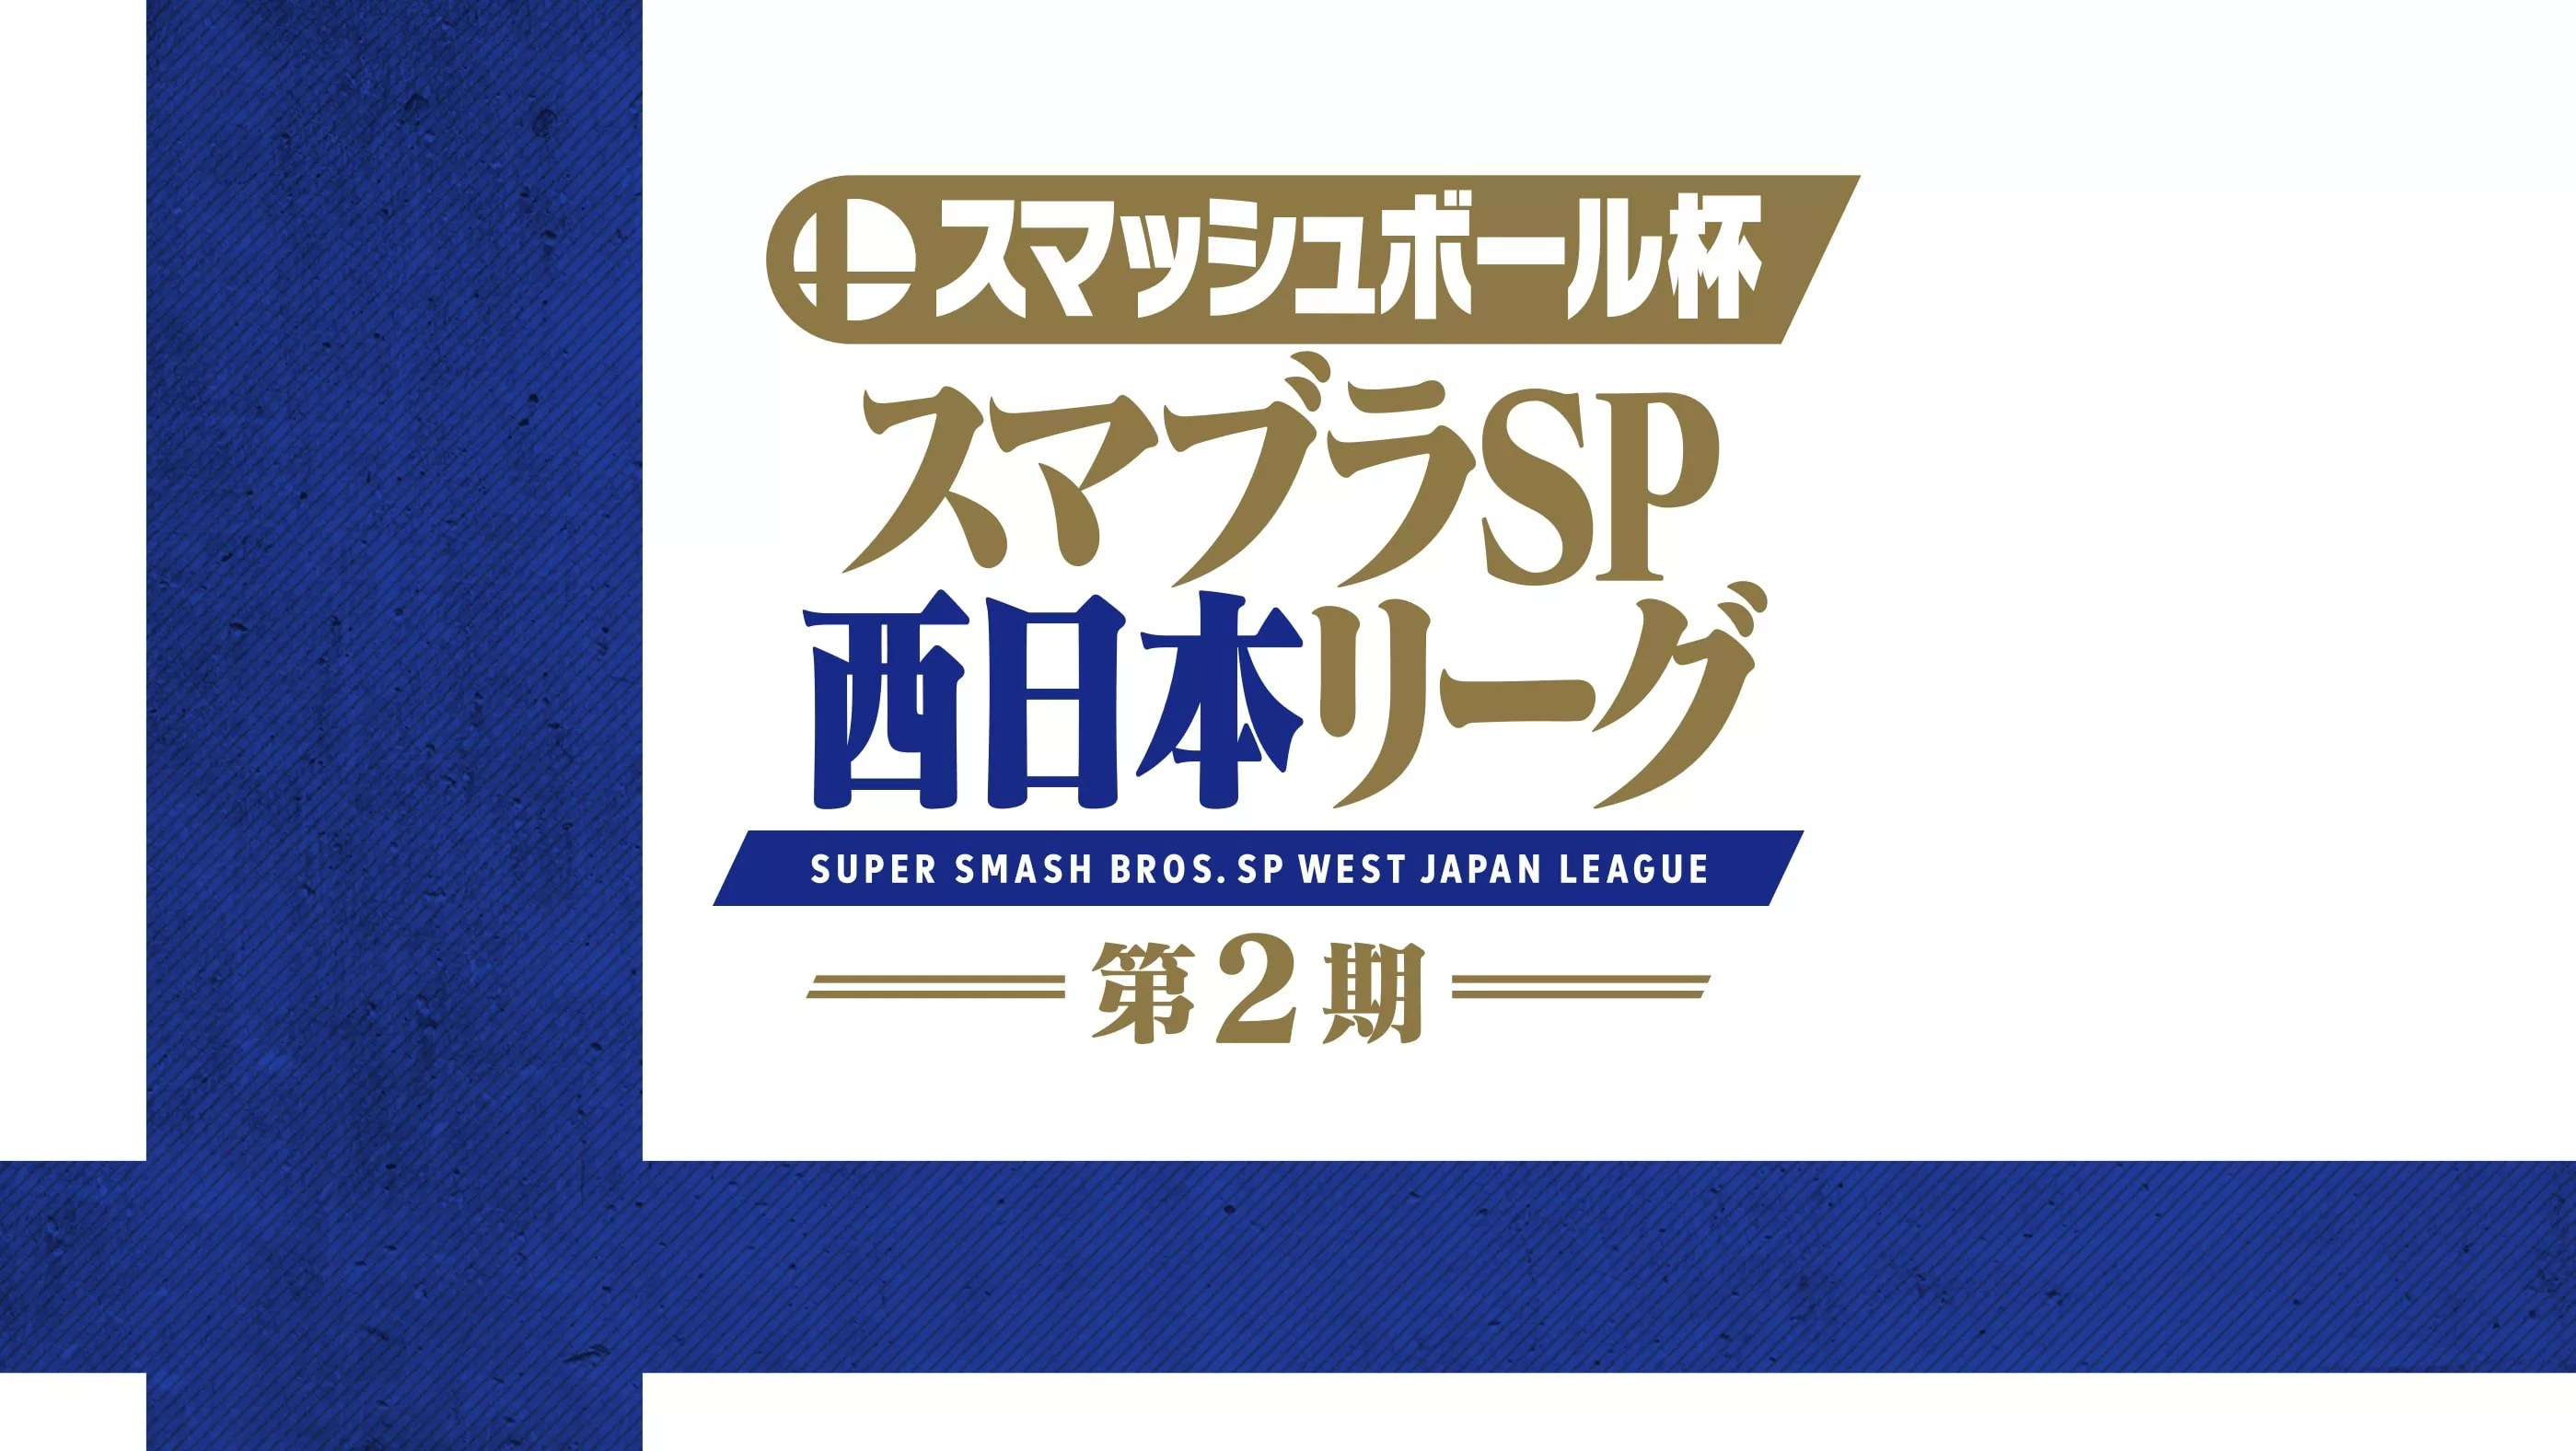 スマッシュボール杯 スマブラSP 西日本リーグ